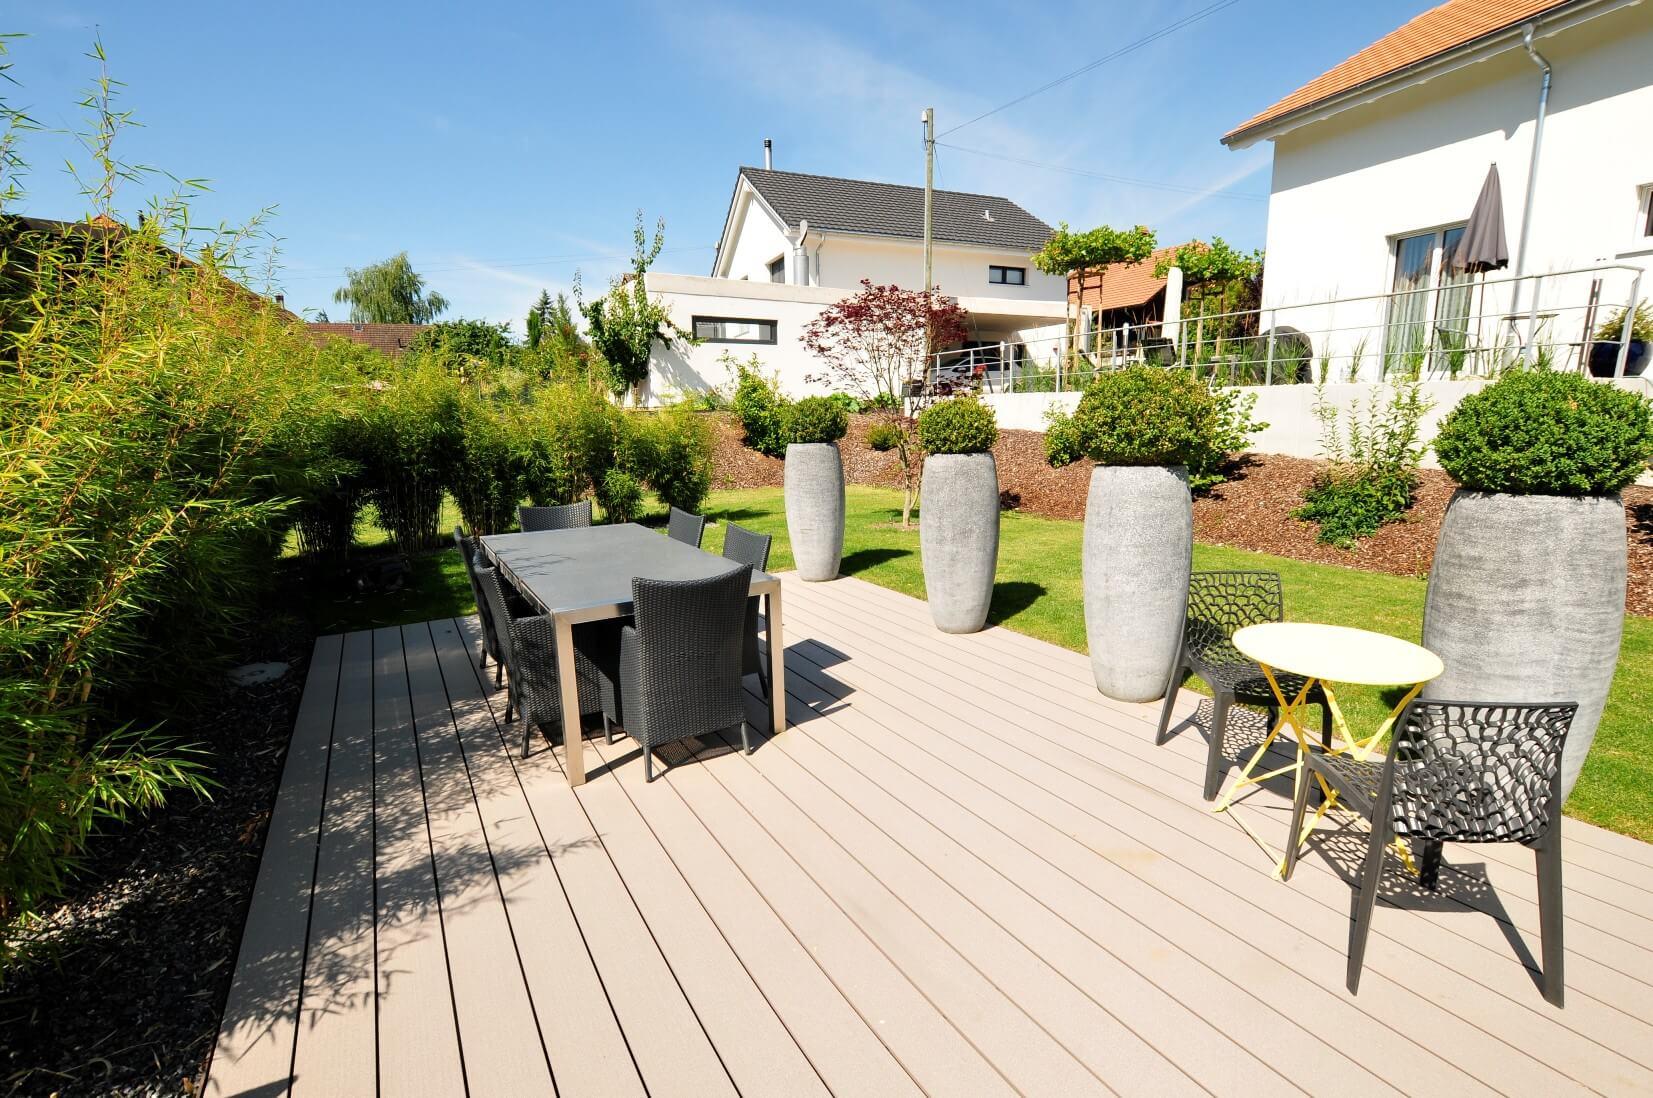 paysagiste aménagement terrasse en bois pots de fleurs bambou verdure elligue mickael (6)